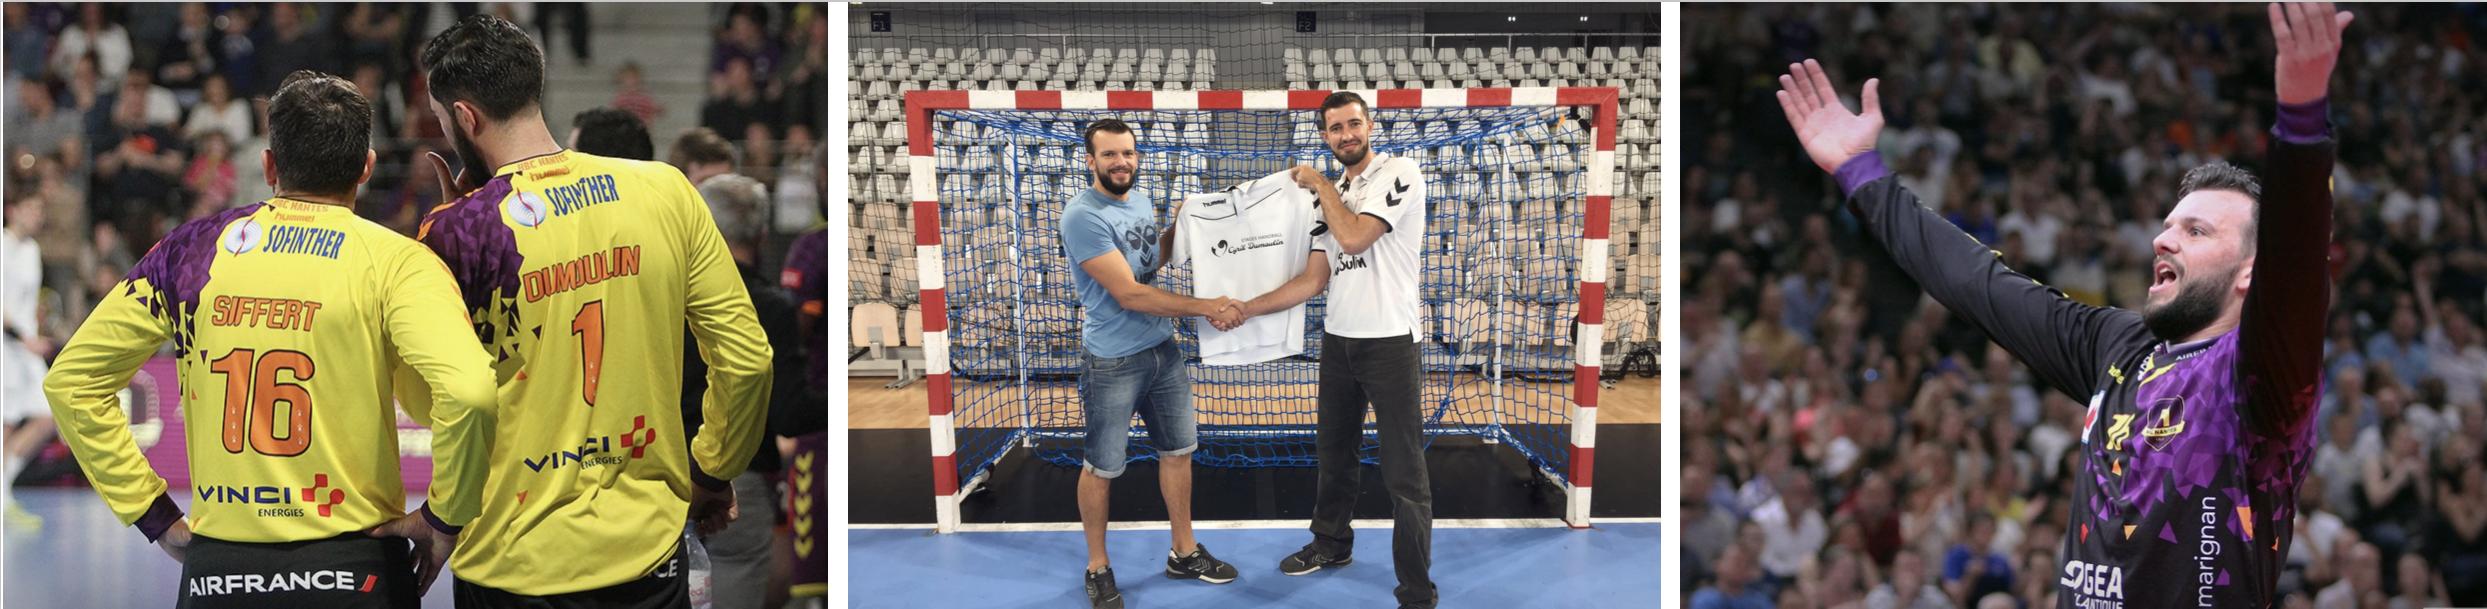 stage-handball-arnaud-siffert